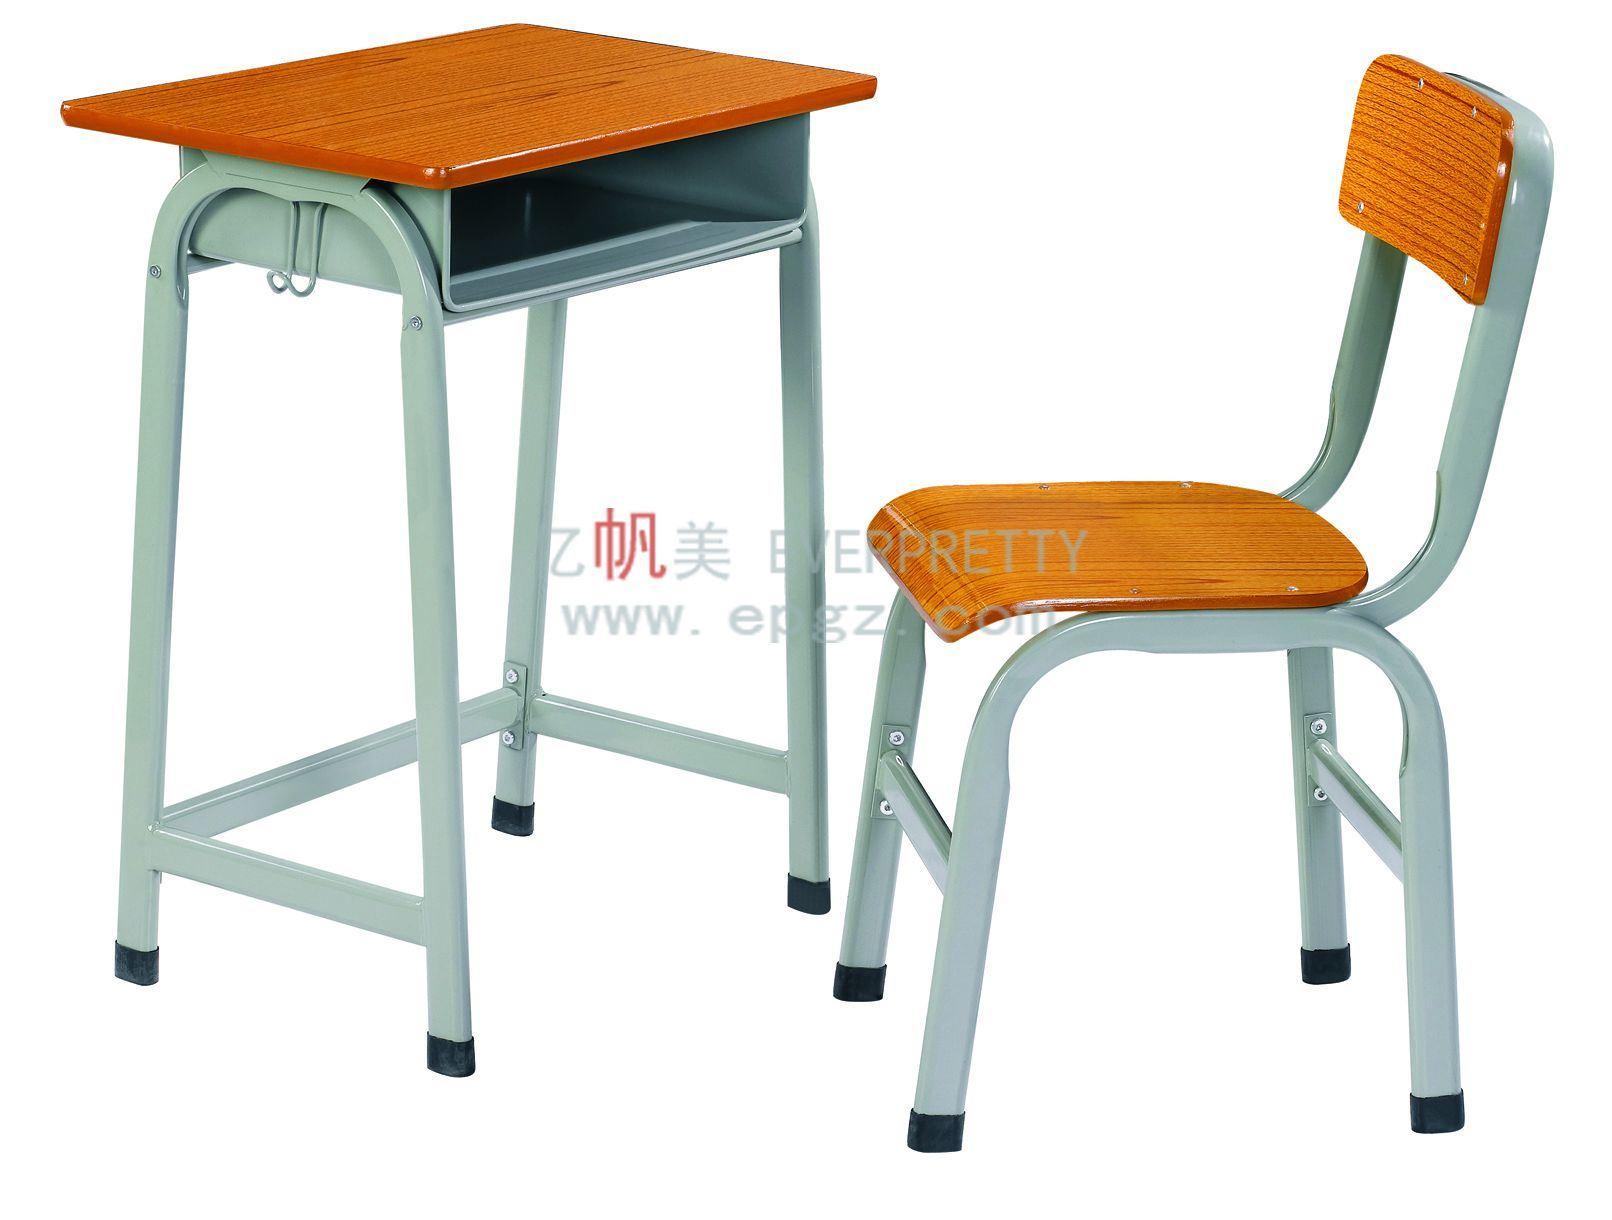 Student Desk Guangzhou Everpretty Furniture Co Ltd page 3